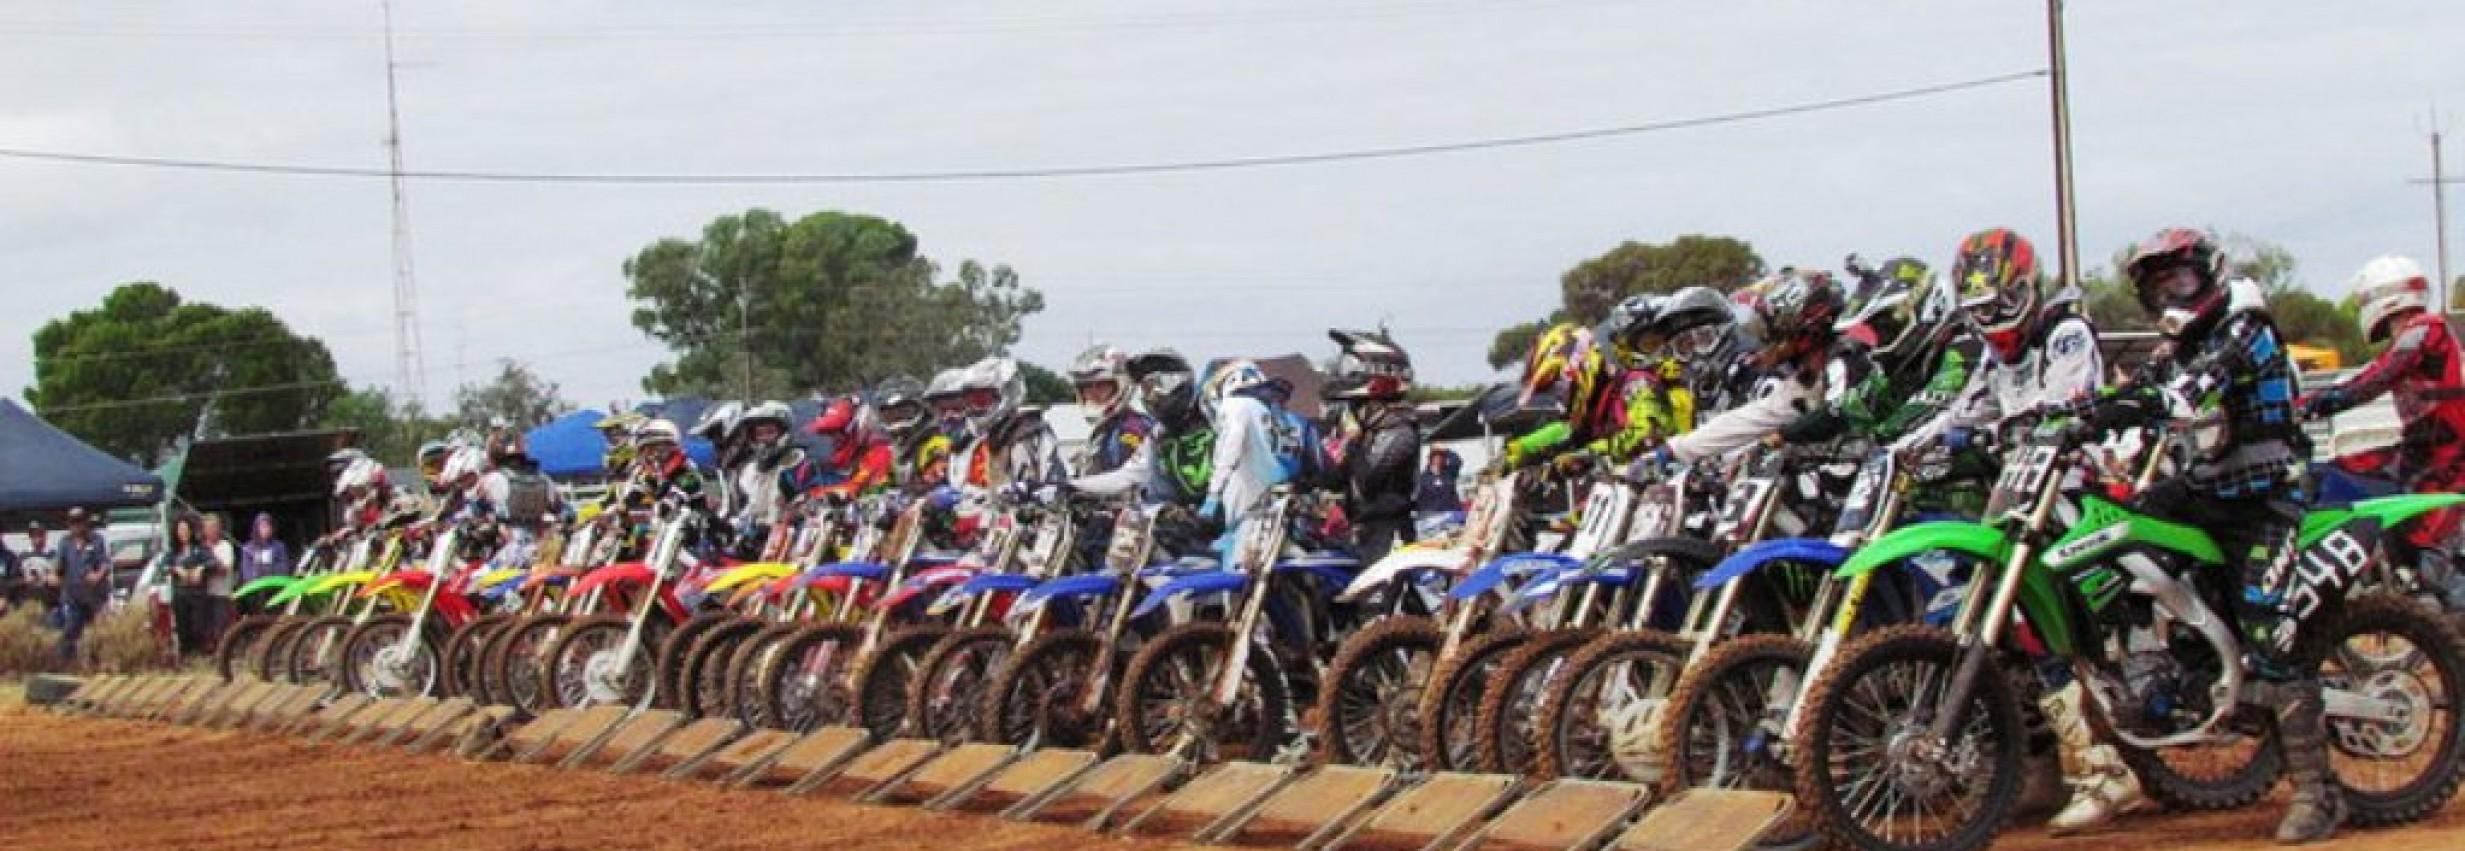 Morgan Motorcycle Club